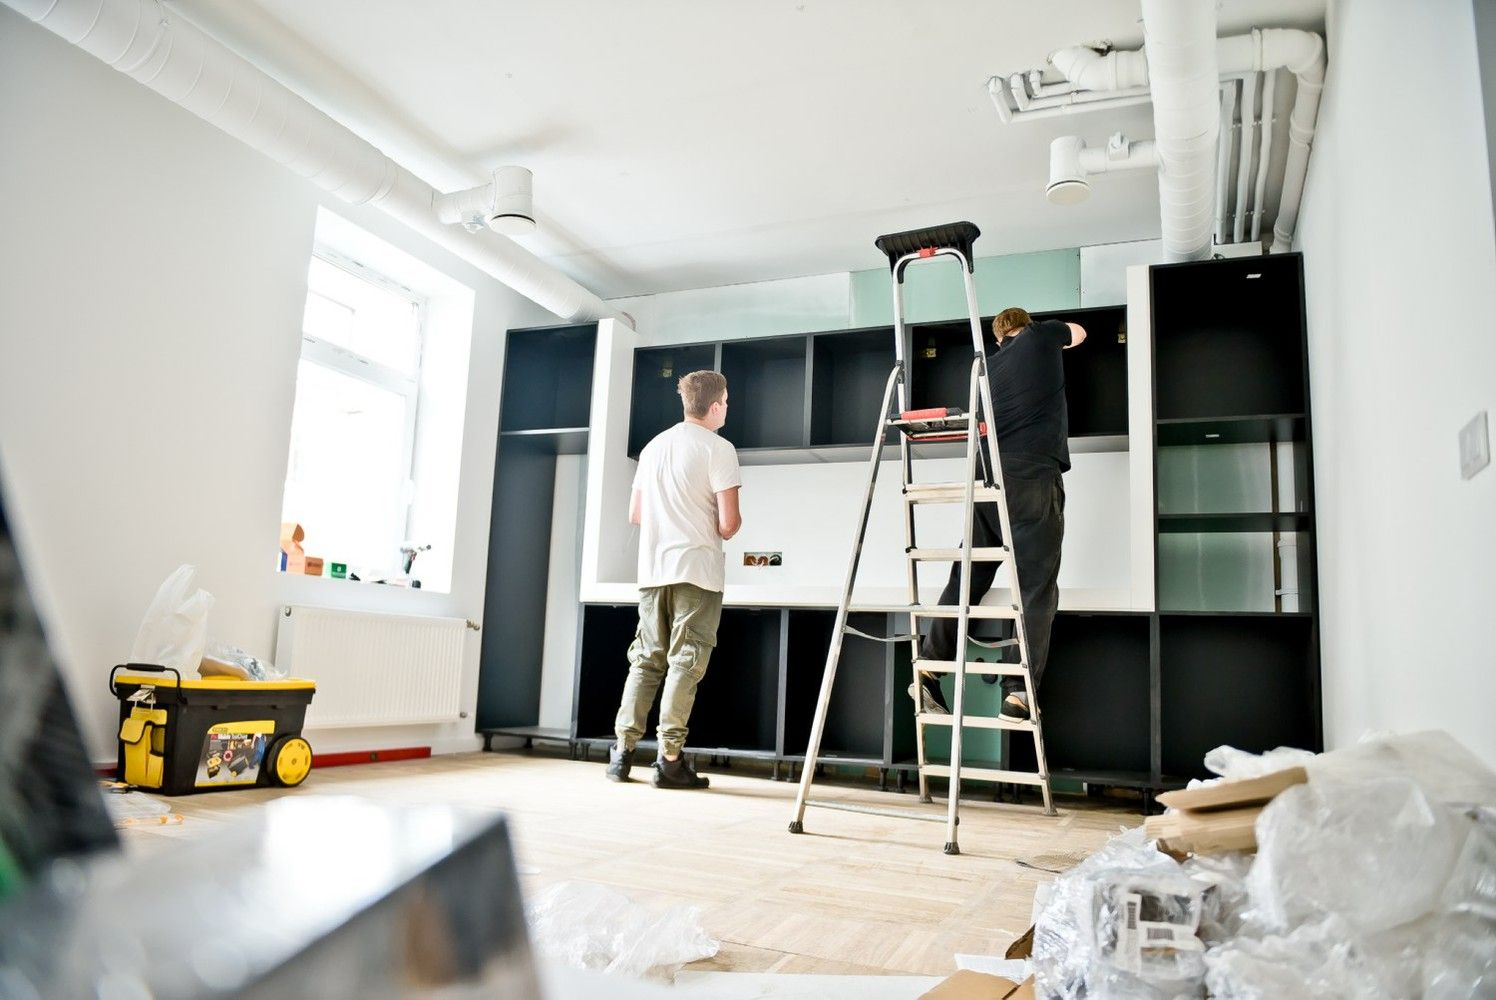 """Iš investicijų į mažų biurų projektą """"Happspace"""" tikisi 15% grąžos"""